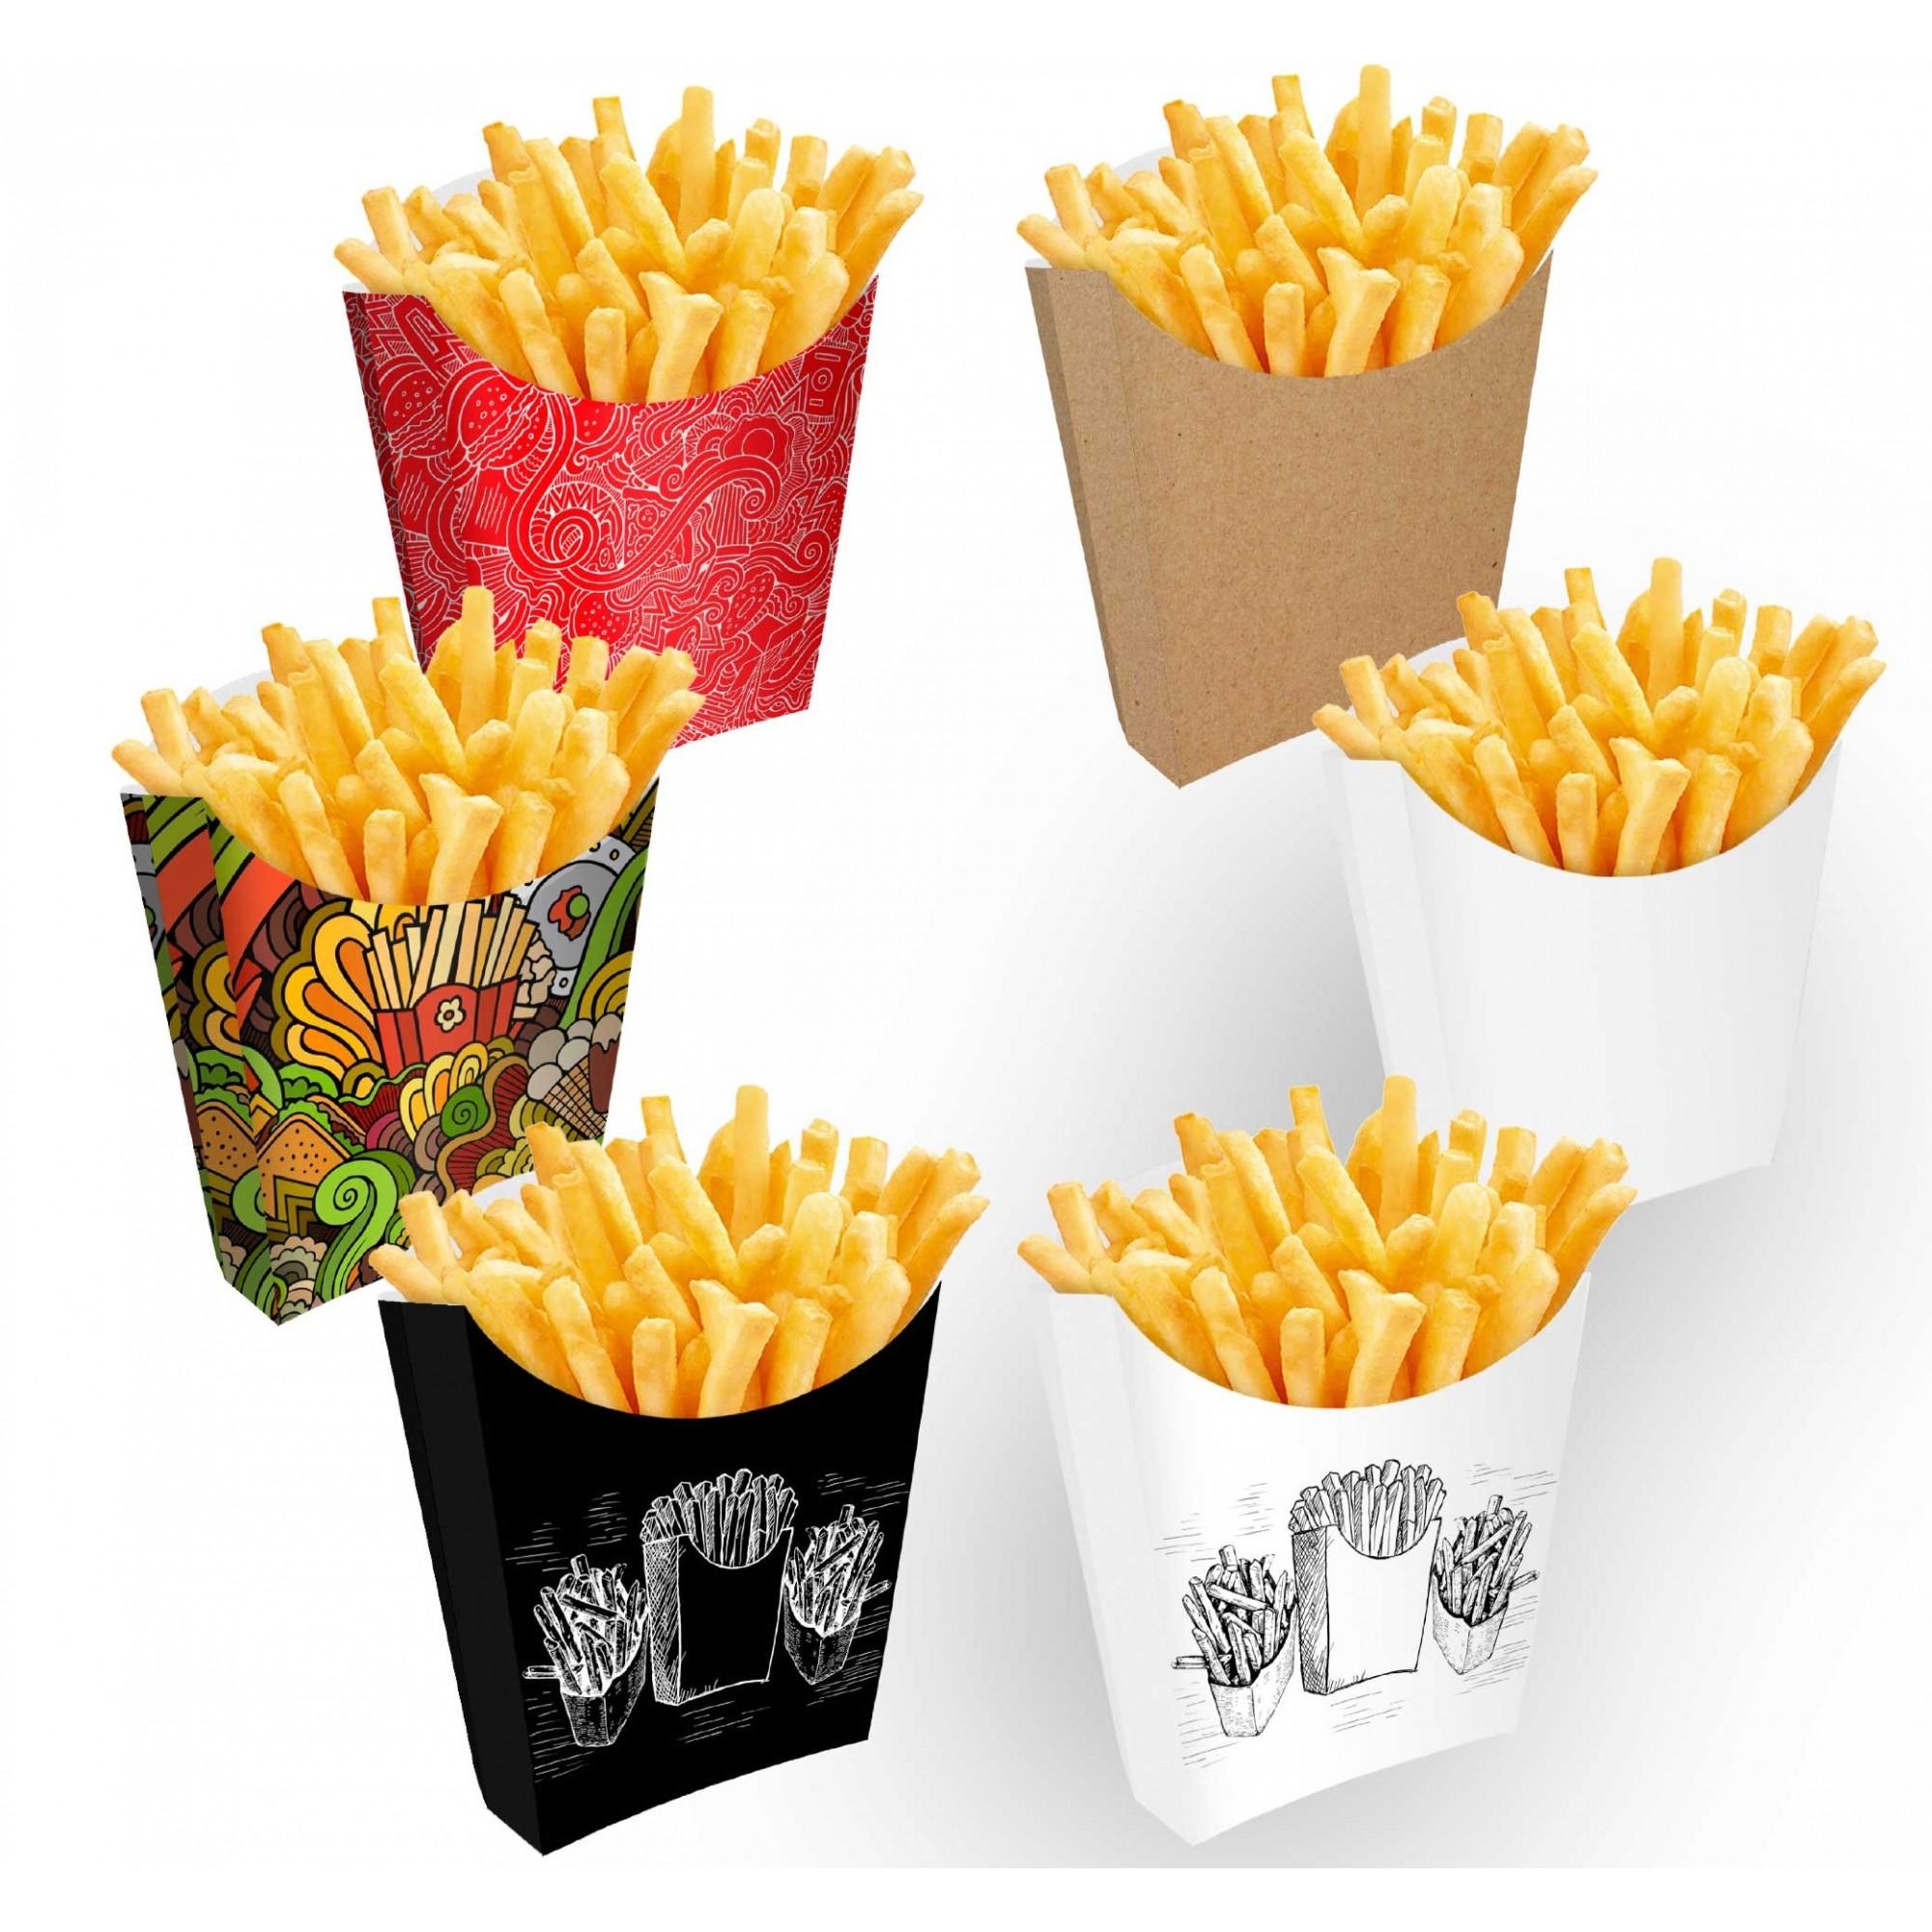 Caixinha | Embalagem para Batata Frita VÁRIAS CORES